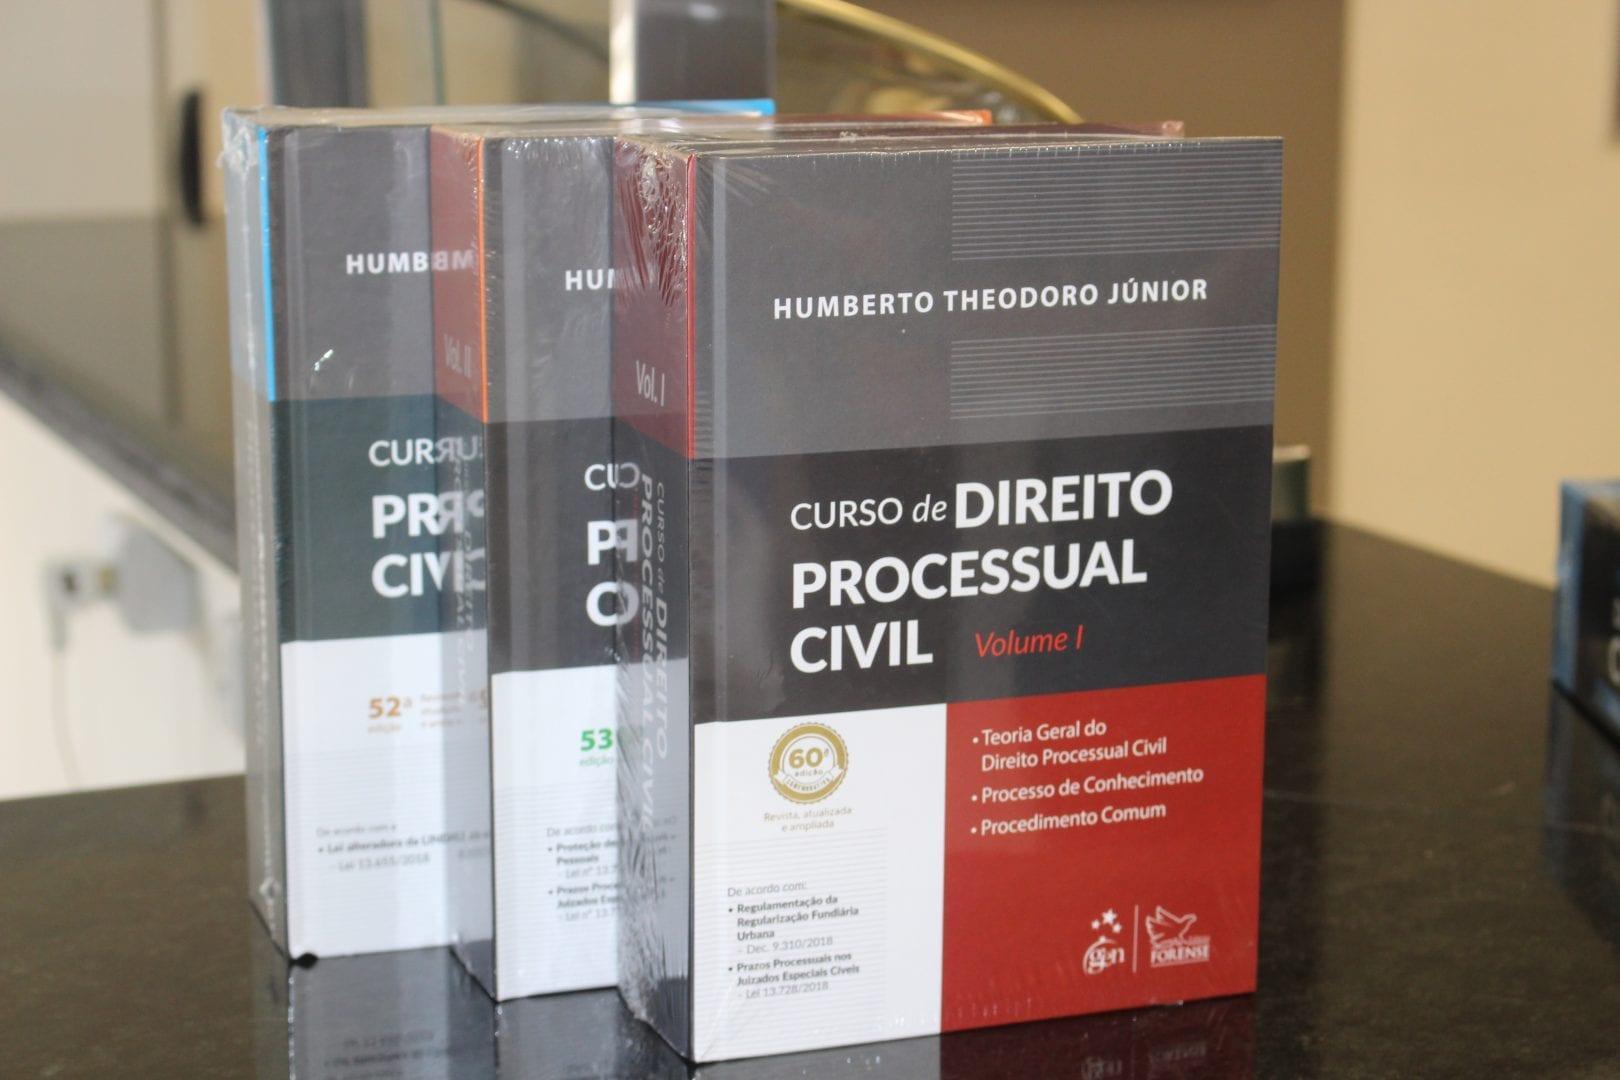 Livraria da Casag oferece até 25% de desconto em livros jurídicos